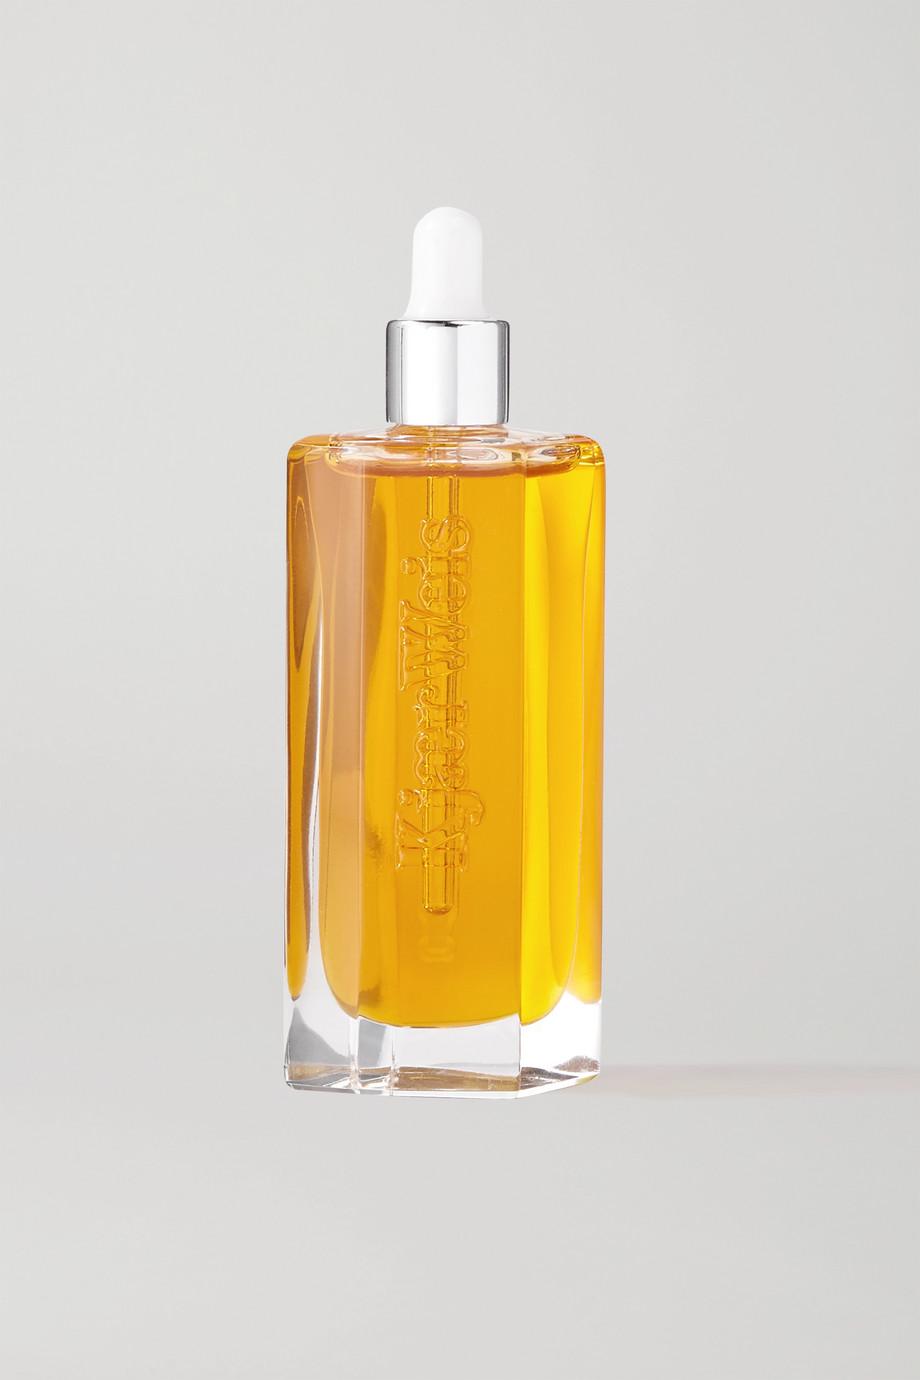 Kjaer Weis The Beautiful Oil, 30 ml – Gesichtsöl